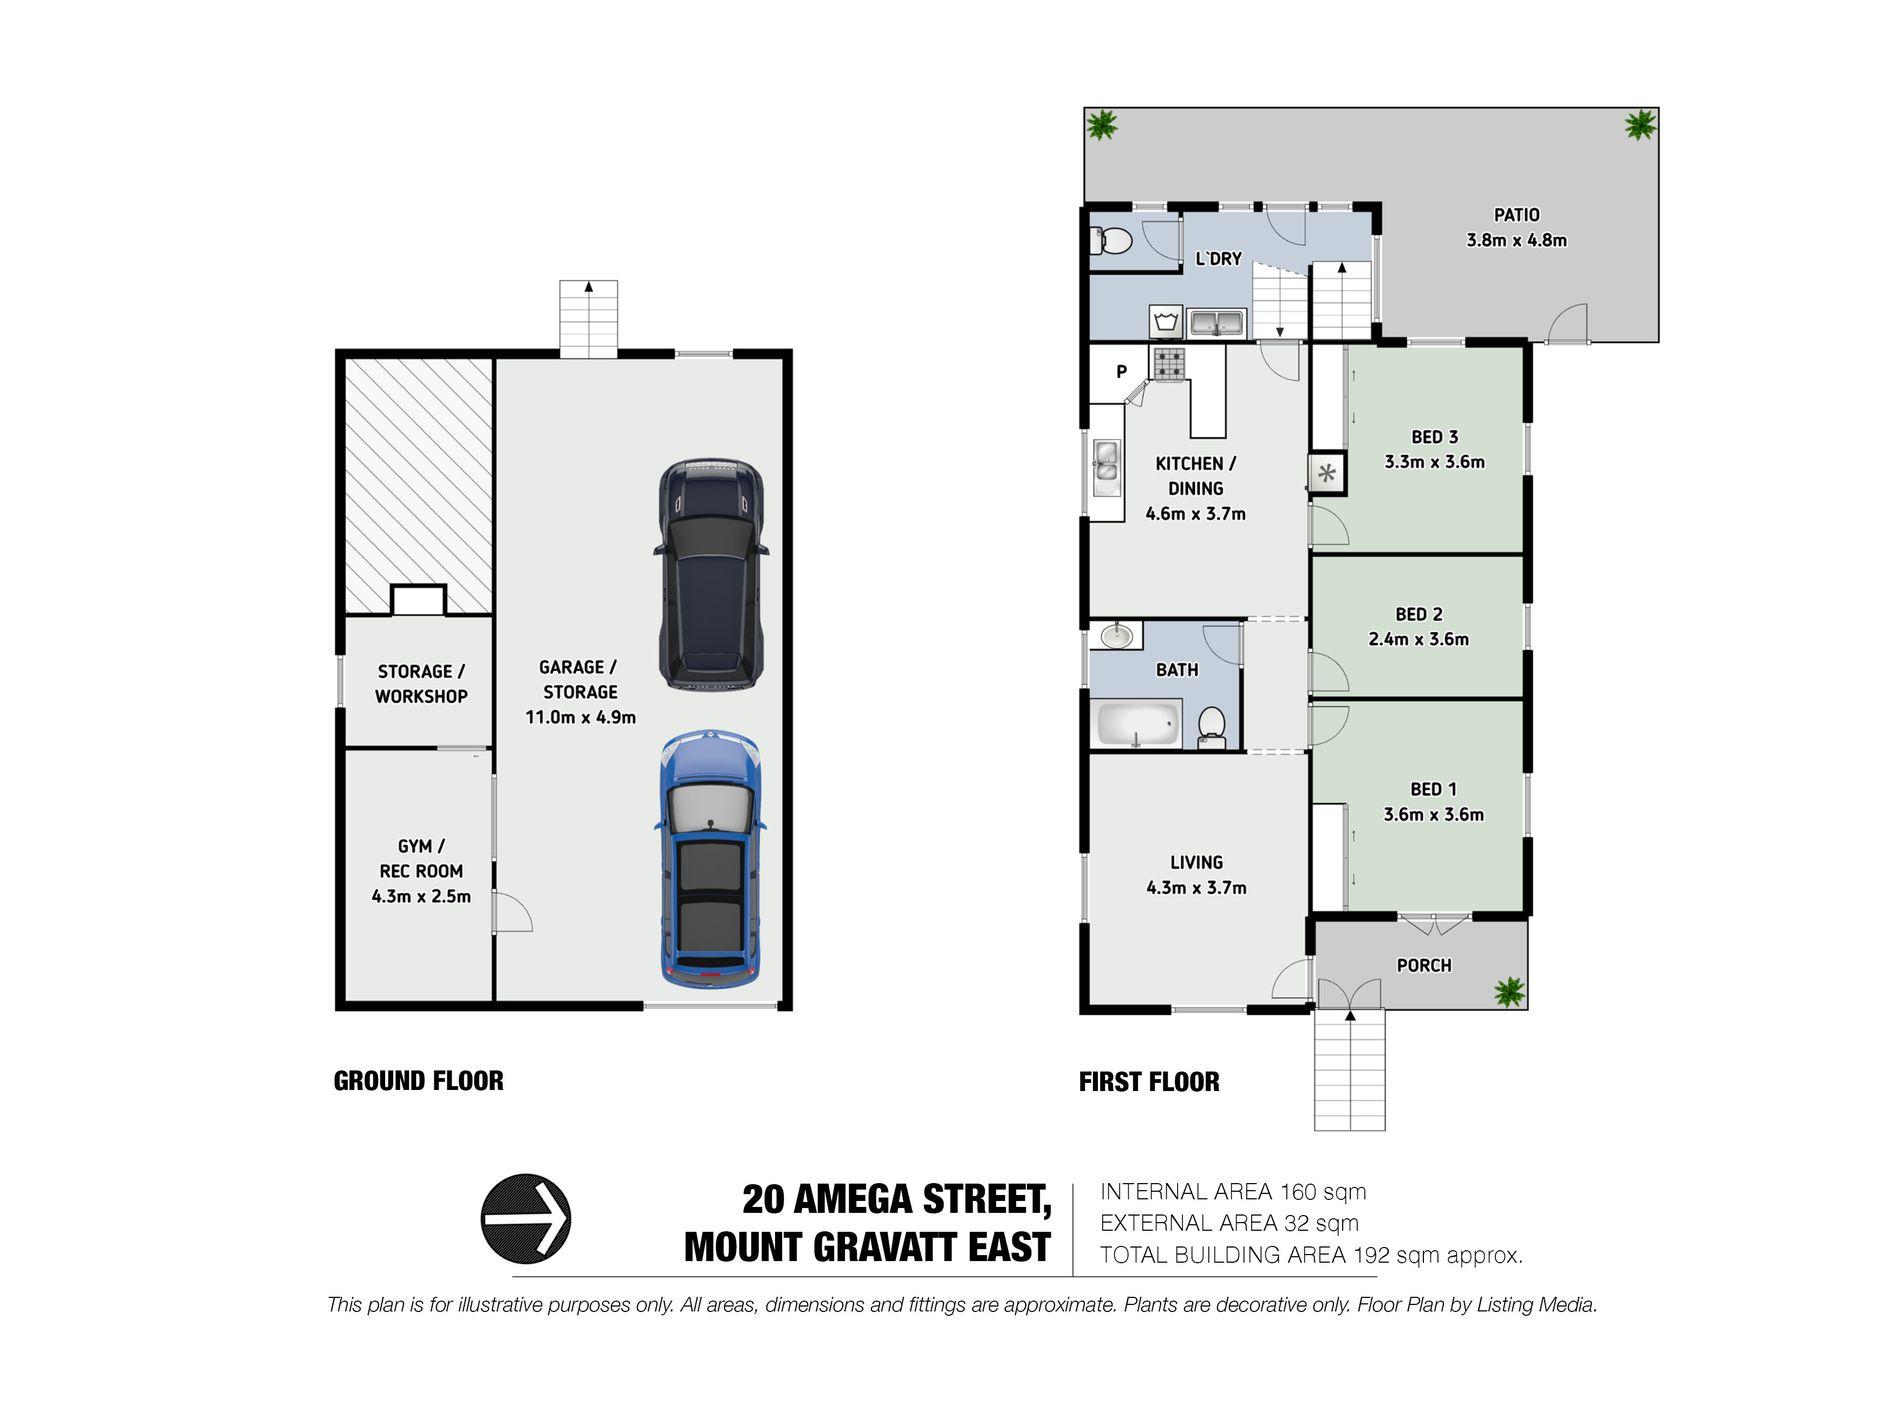 20 Amega Street, Mount Gravatt East